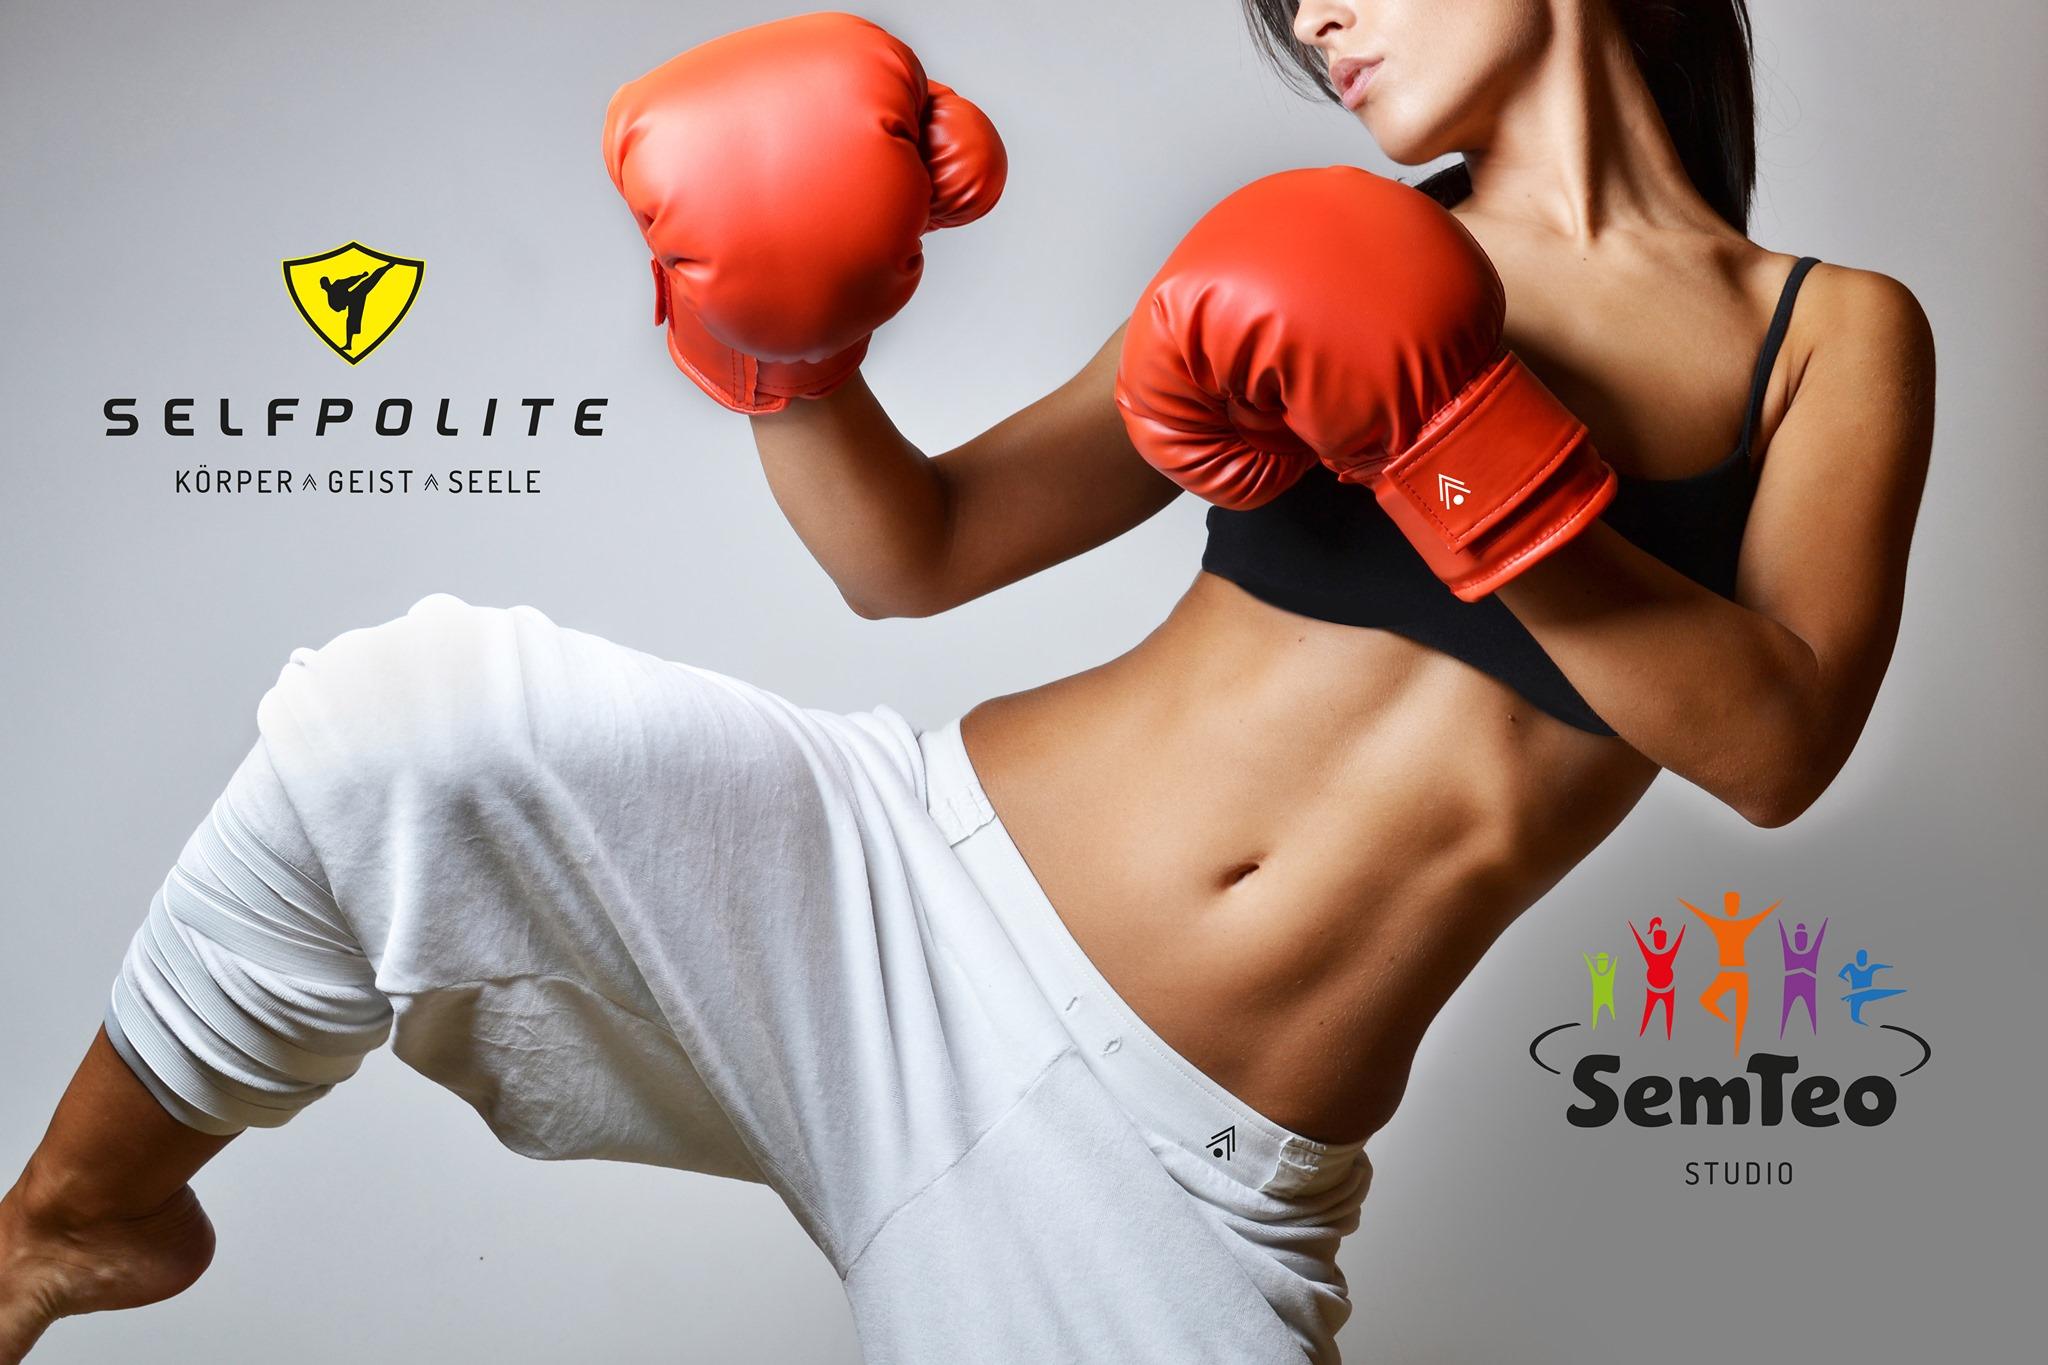 Kampfkunstschule Selfpolite - SemTeo Fitness St. Pölten